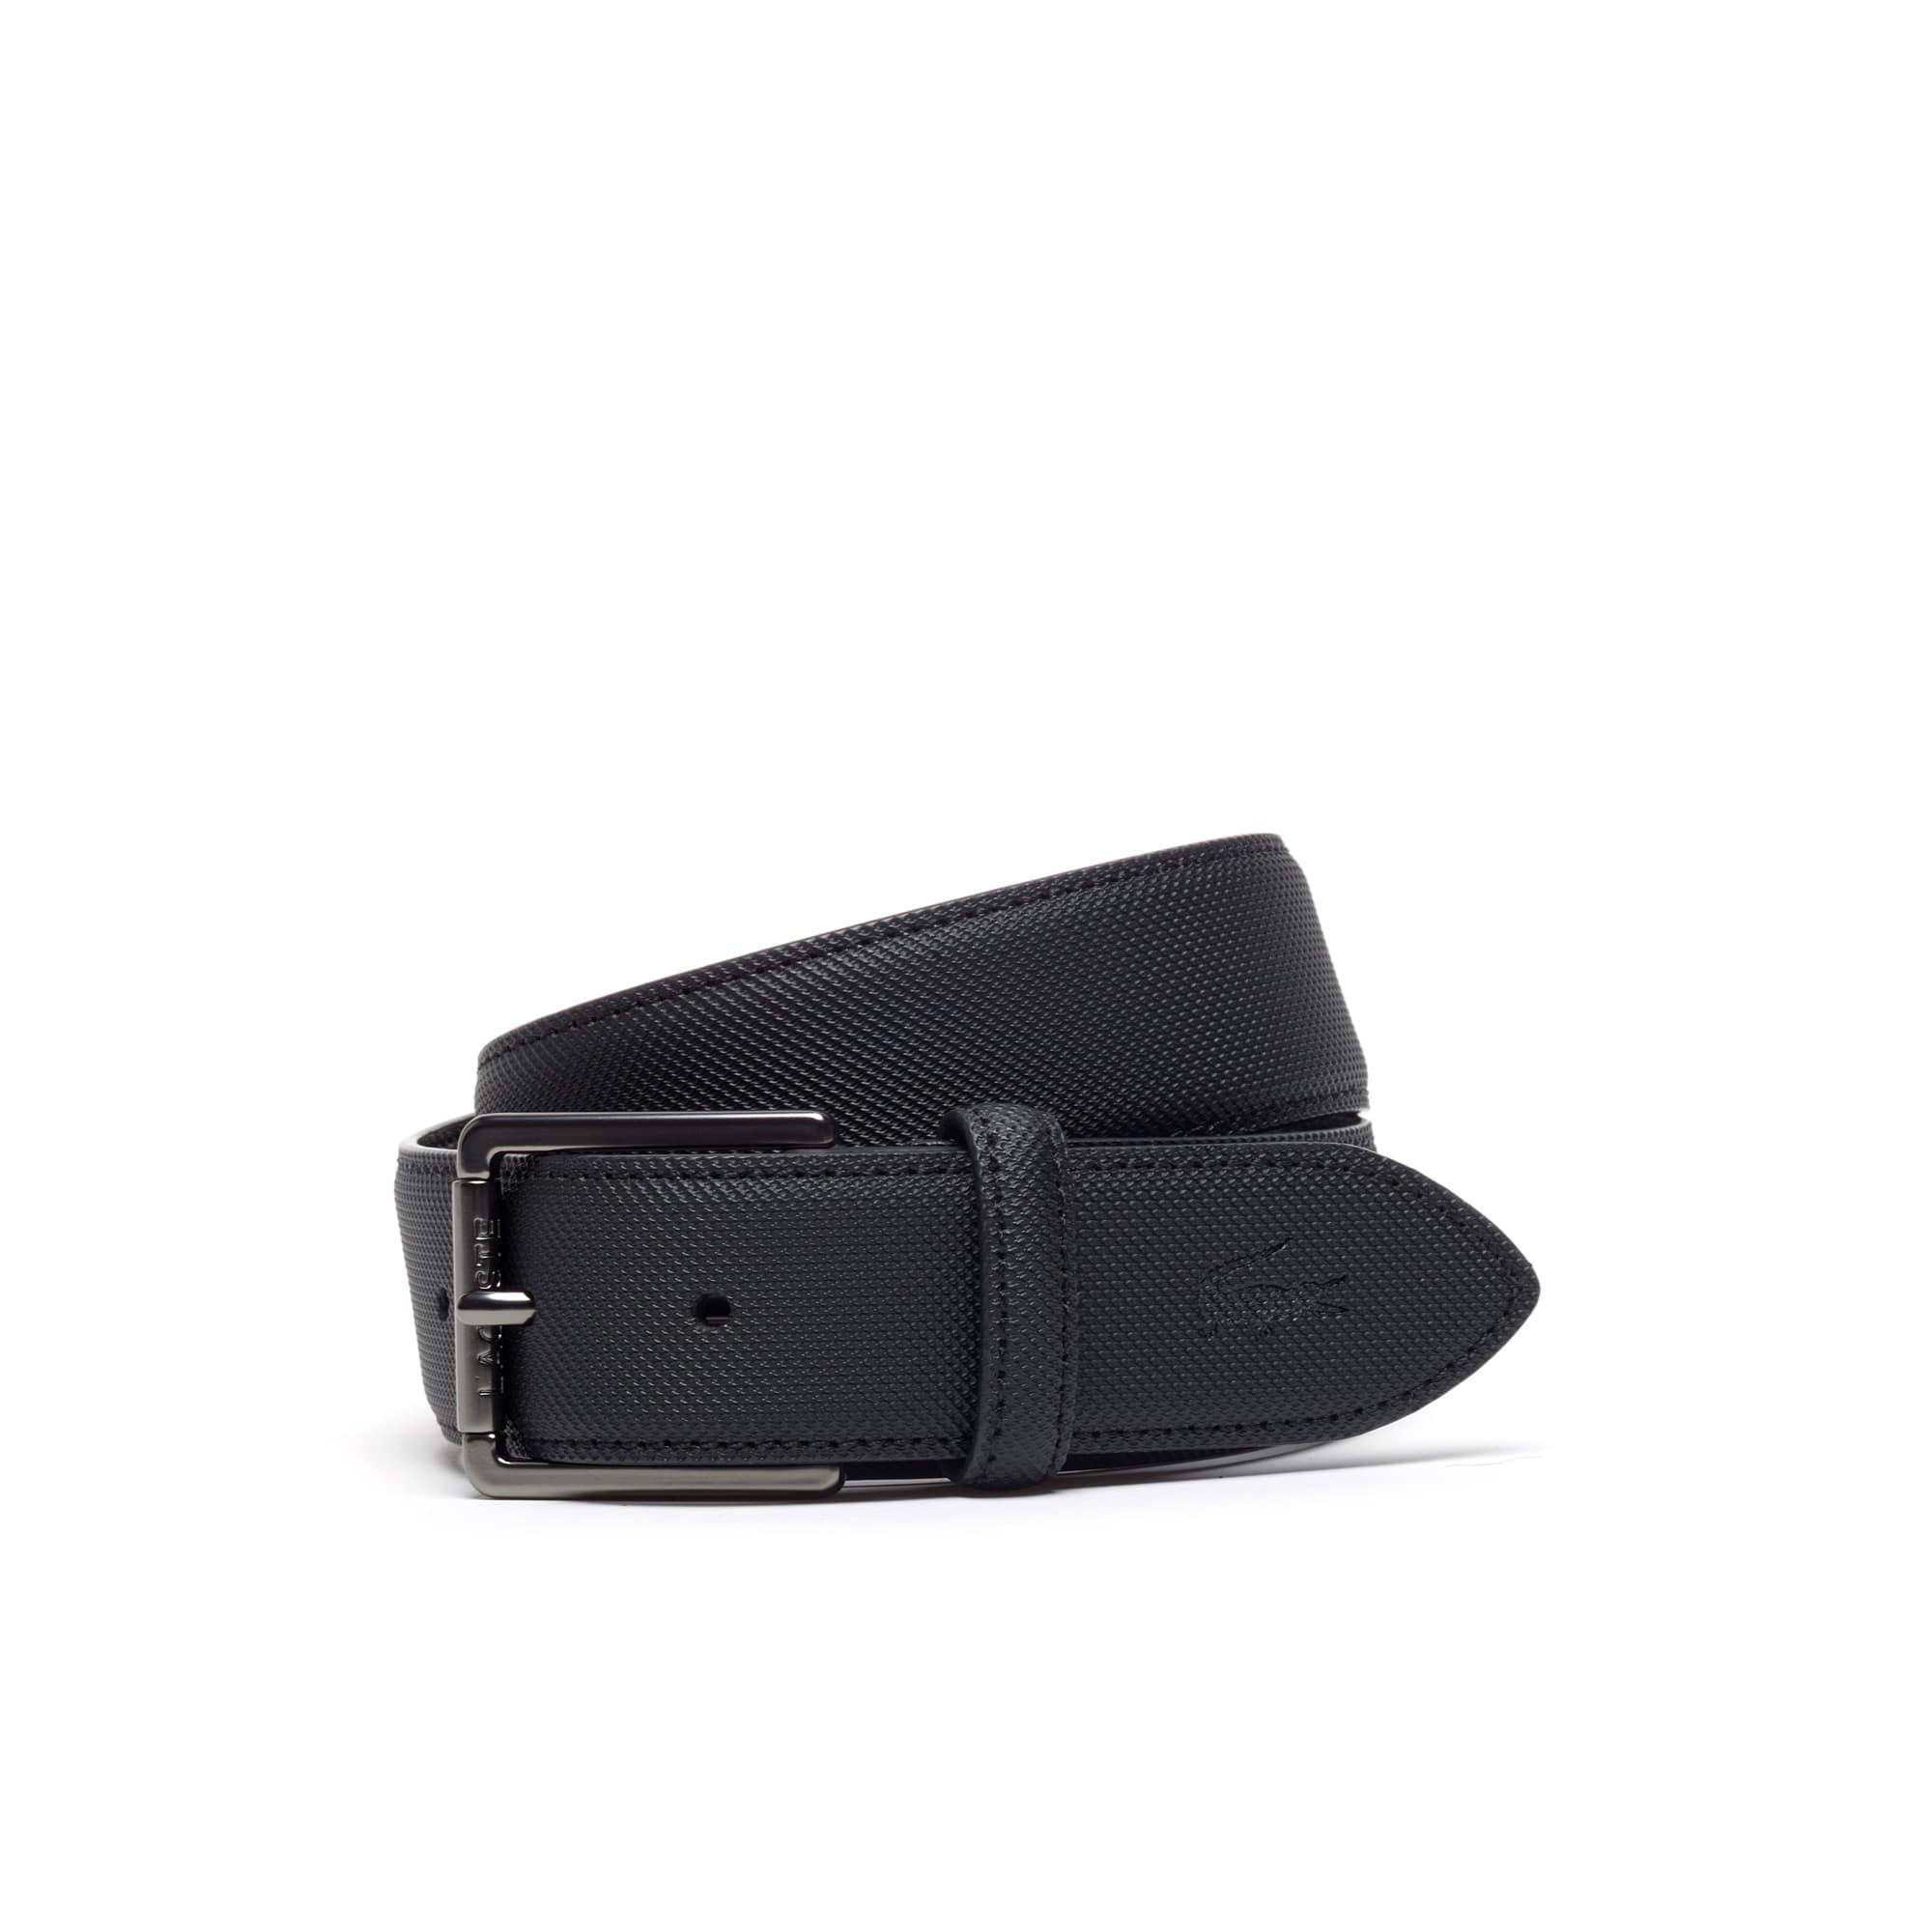 096b56fbaf1085 Men s Petit Piqué Printed Belt